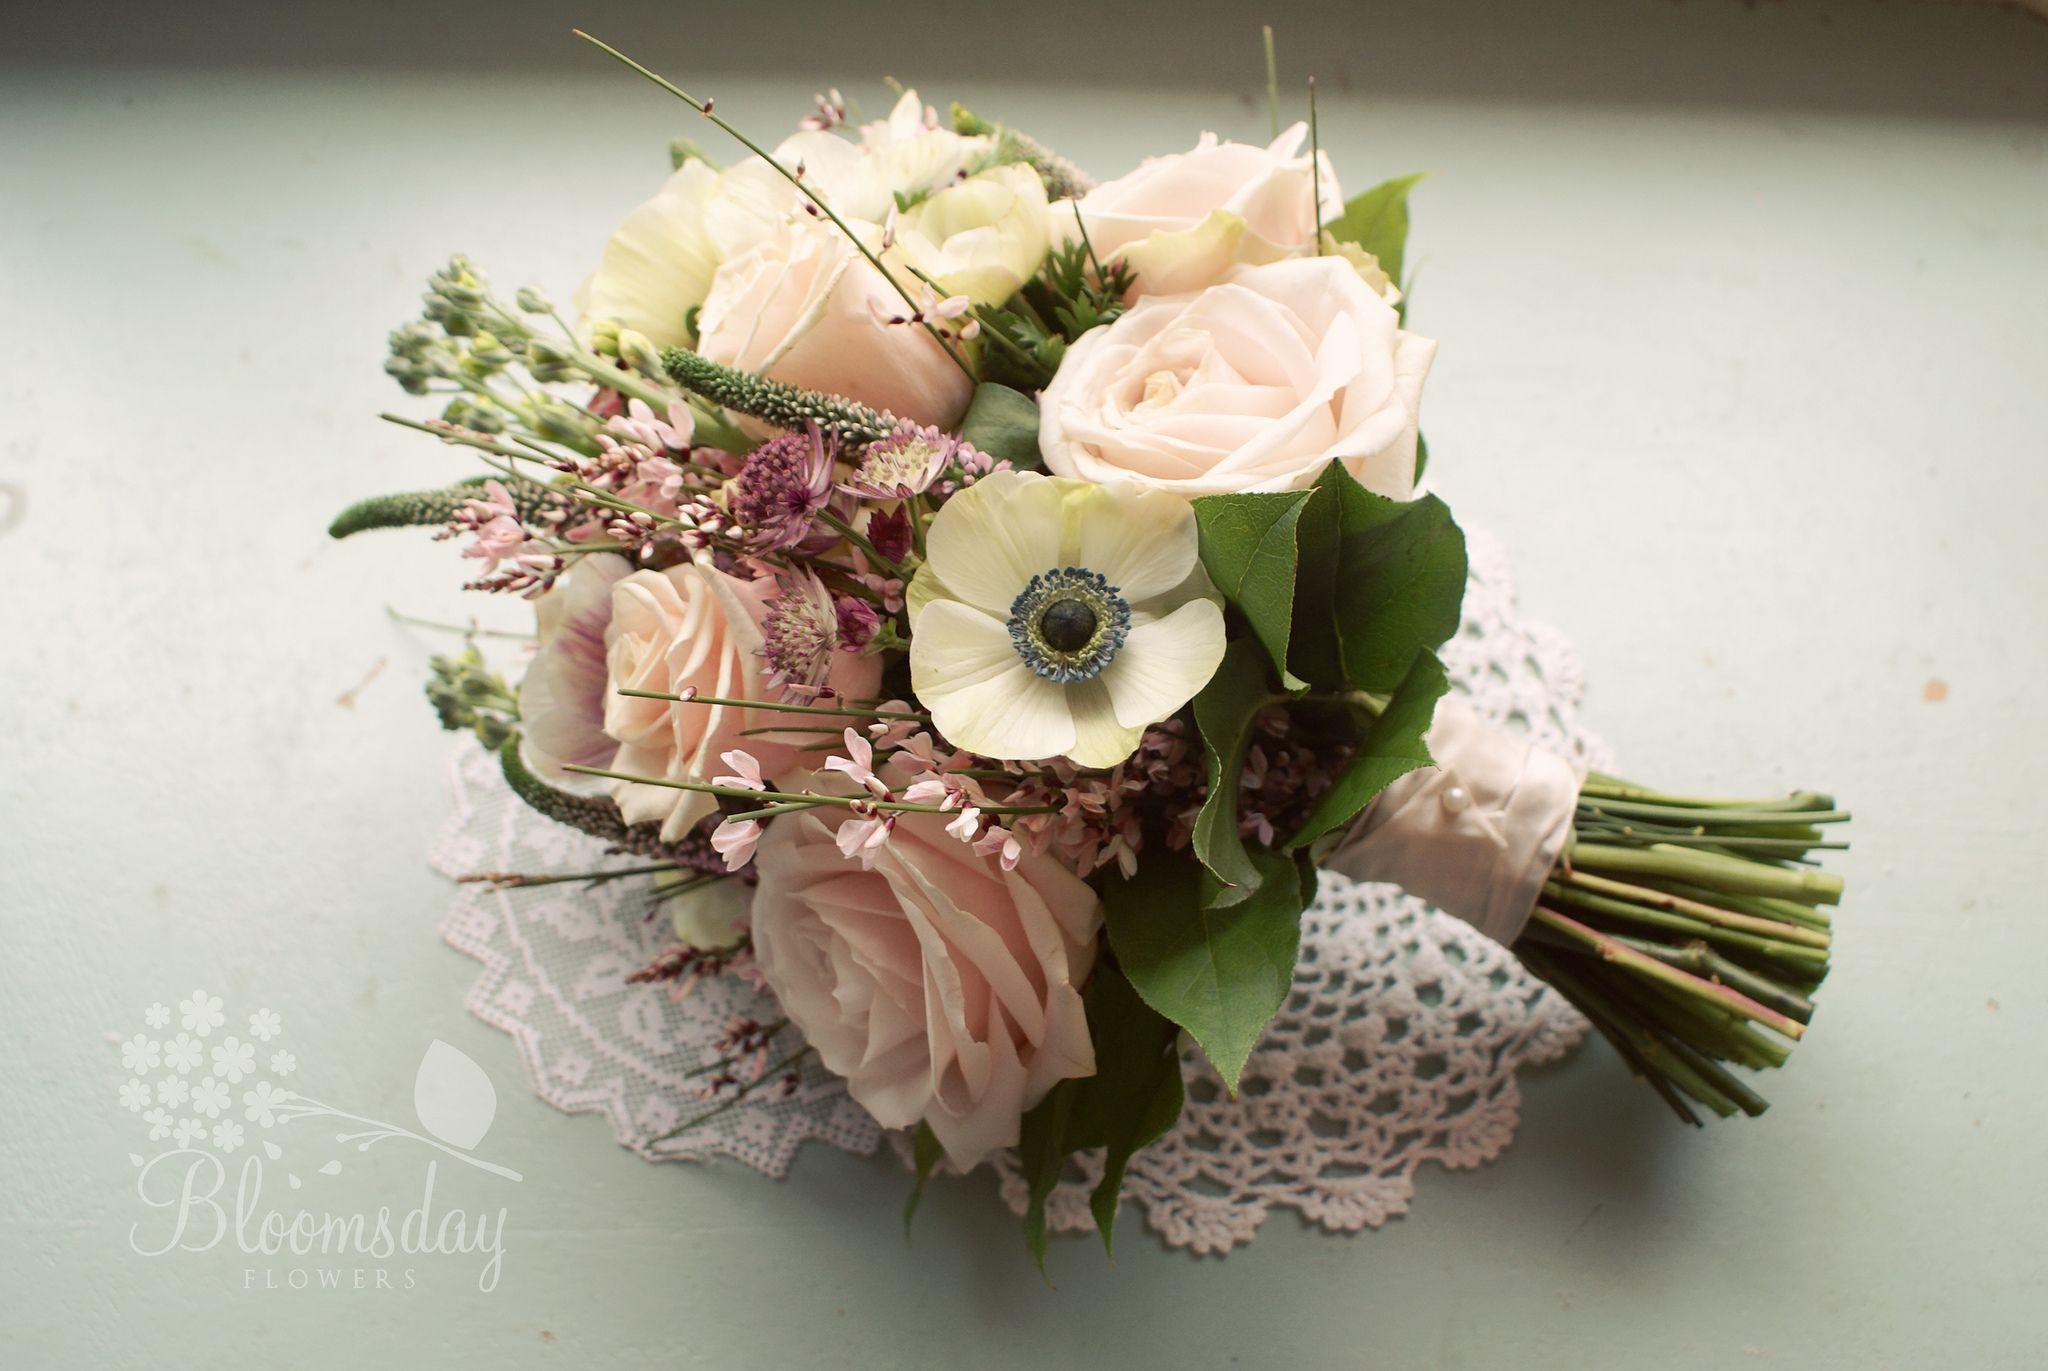 Vintage Style Pink Bridal Bouquet Bridal Bouquet Bridal Bouquet Pink Vintage Bridal Bouquet